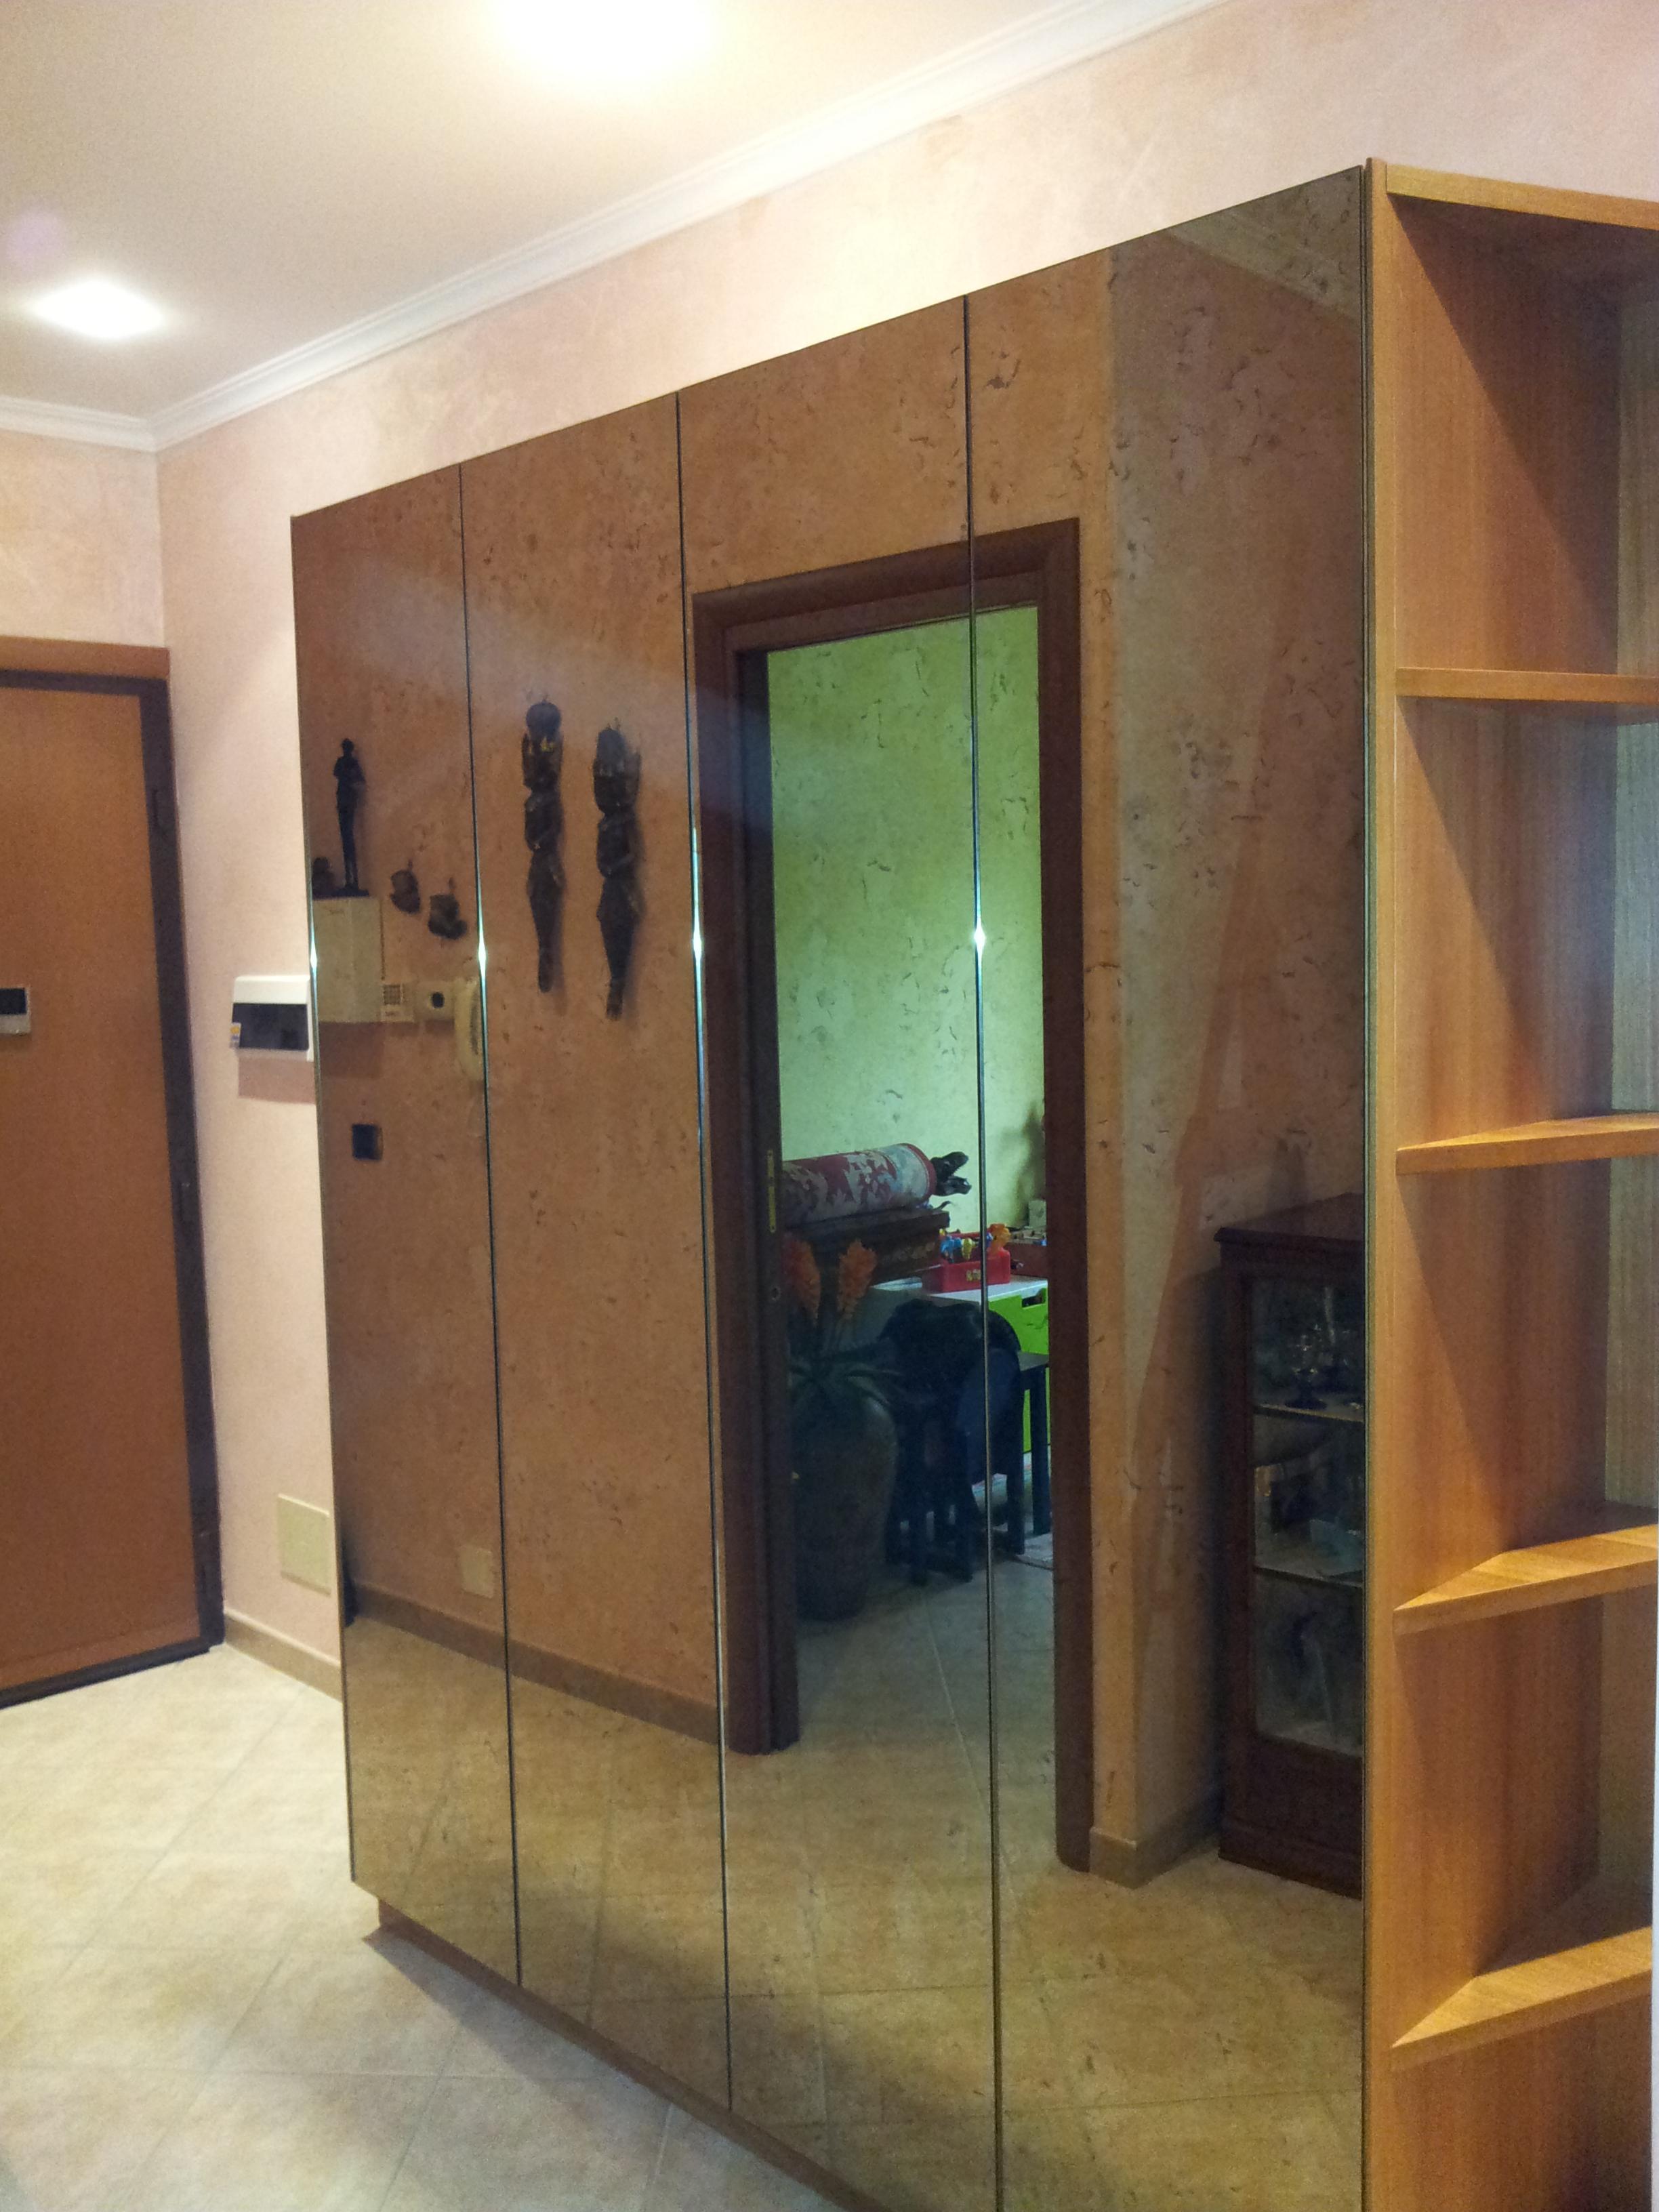 Armadio ingresso con specchi anticati in noce tanganica for Armadio ingresso